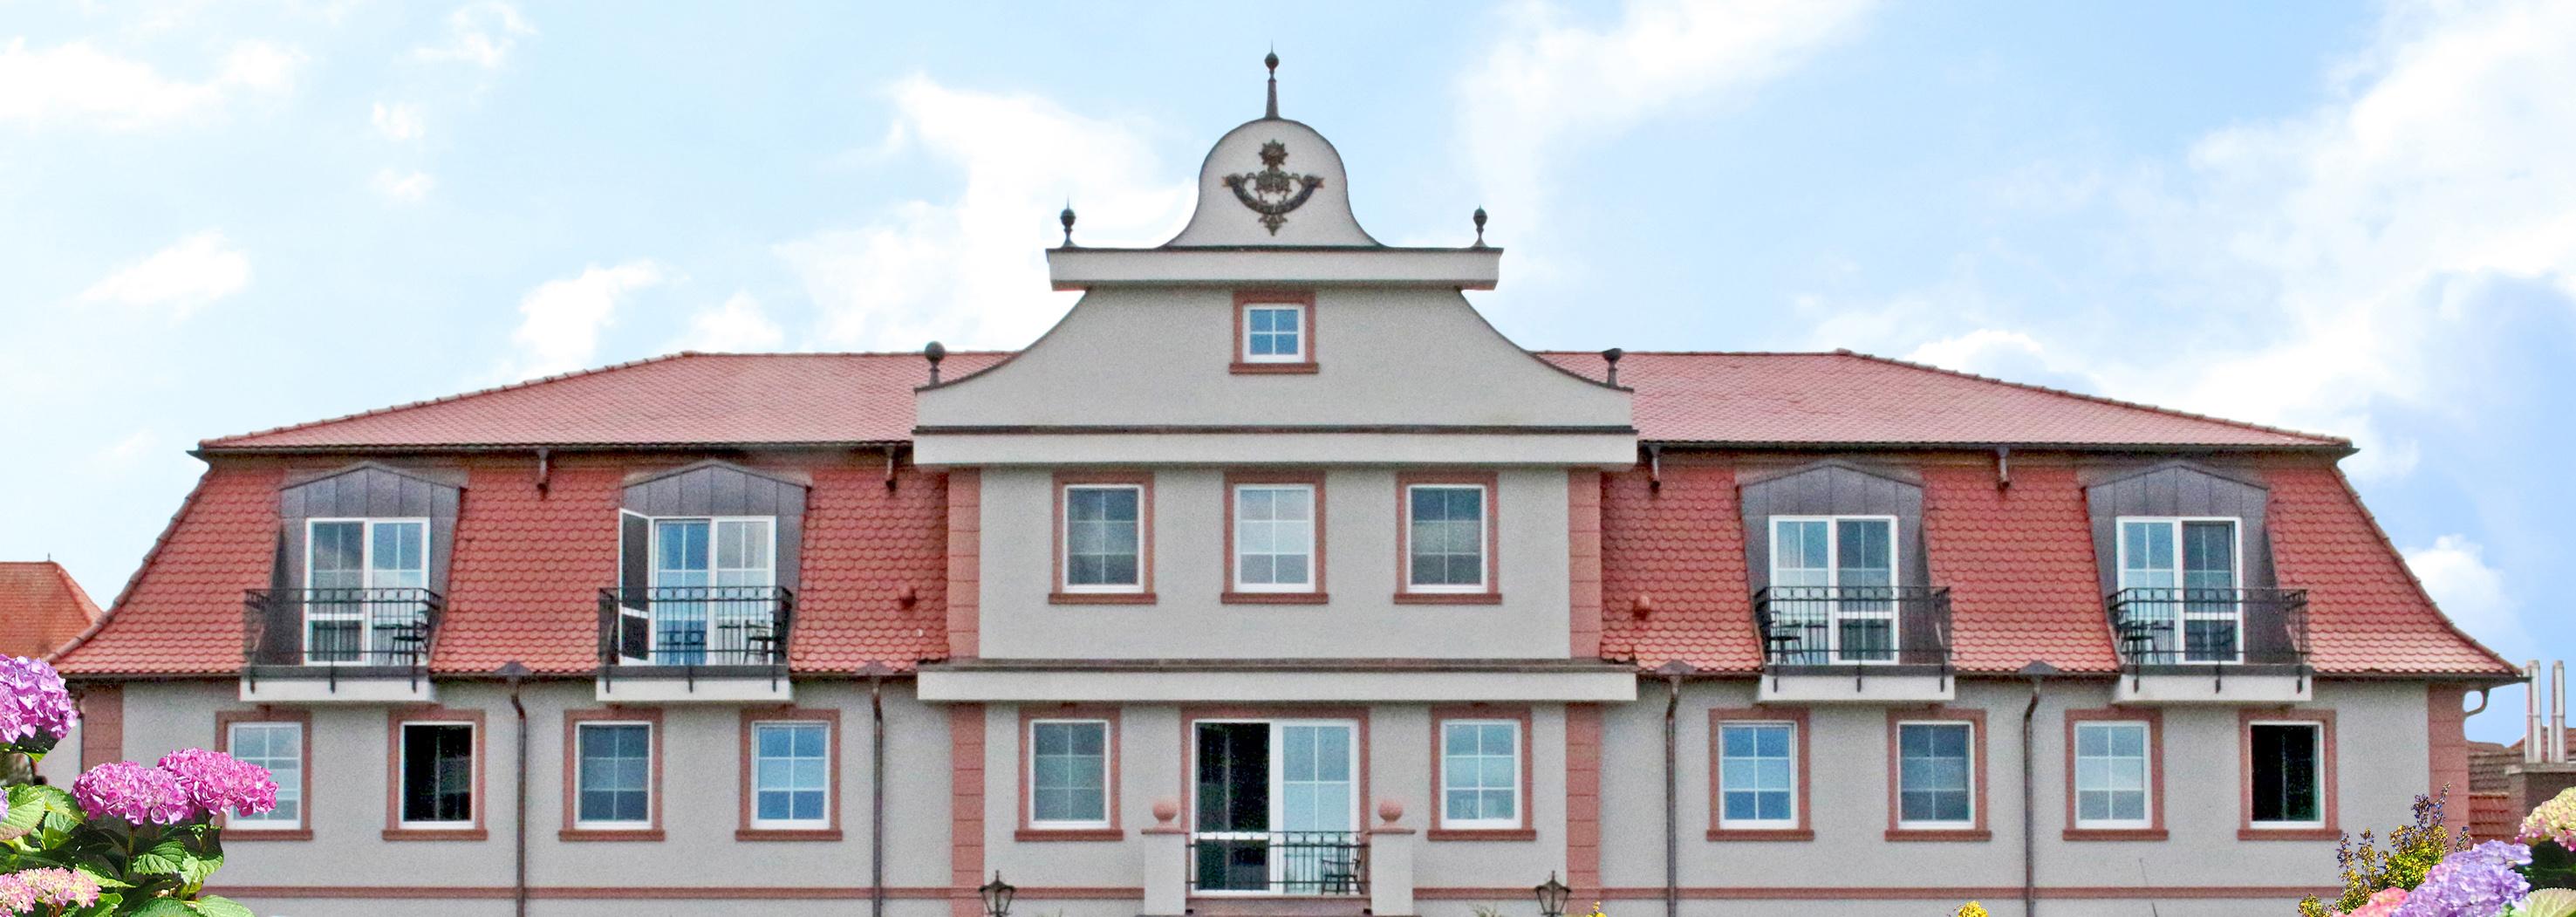 Hoteldorf bei laufendem Betrieb in Rekordzeit erweitert